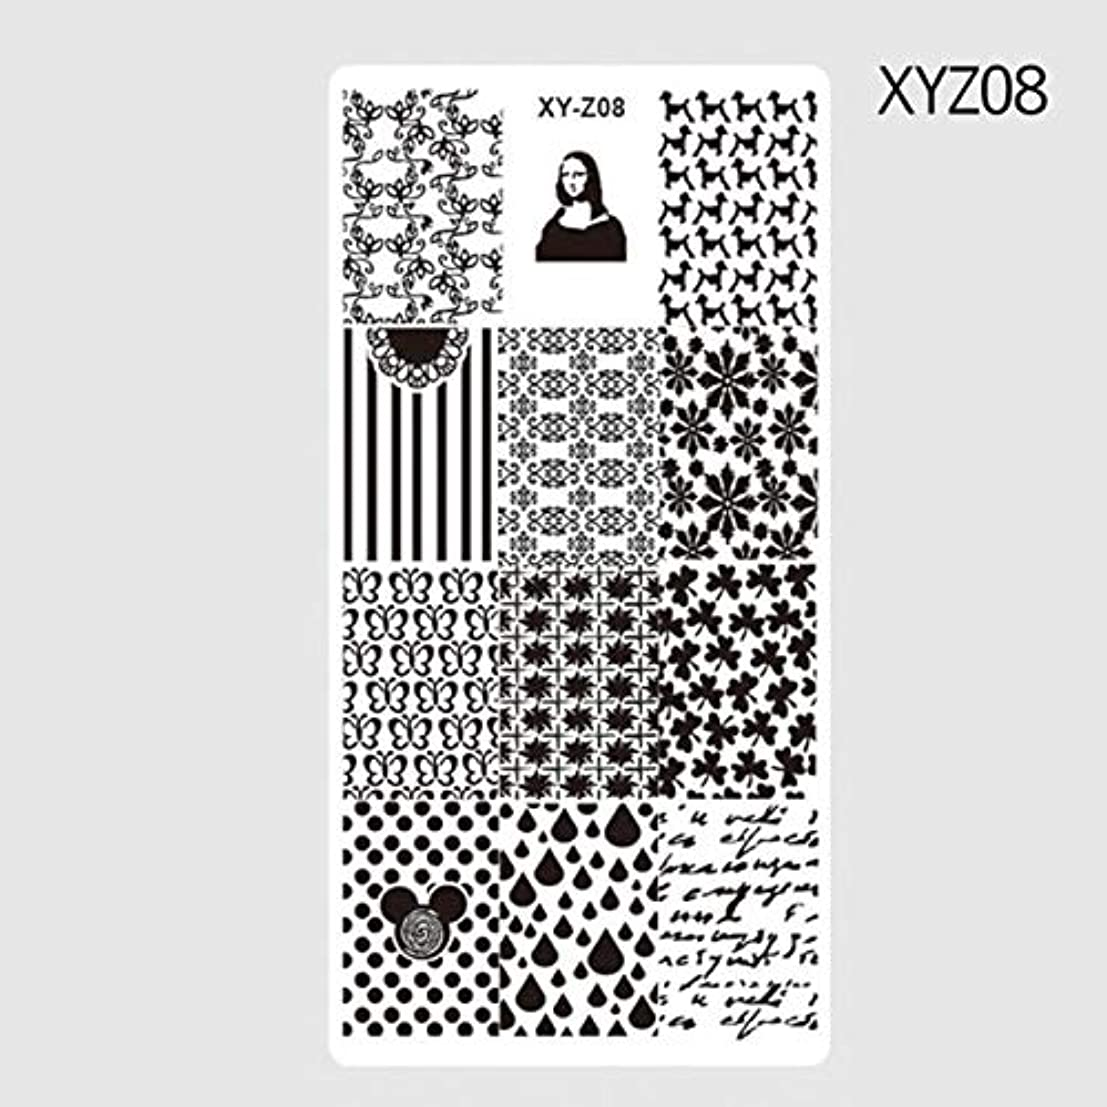 追い出す専門知識回復CELINEZL CELINEZL 3 PCS長方形ネイルスタンピングテンプレート風車の花のパターンDIYネイルデザイン(XYZ01) (色 : XYZ08)